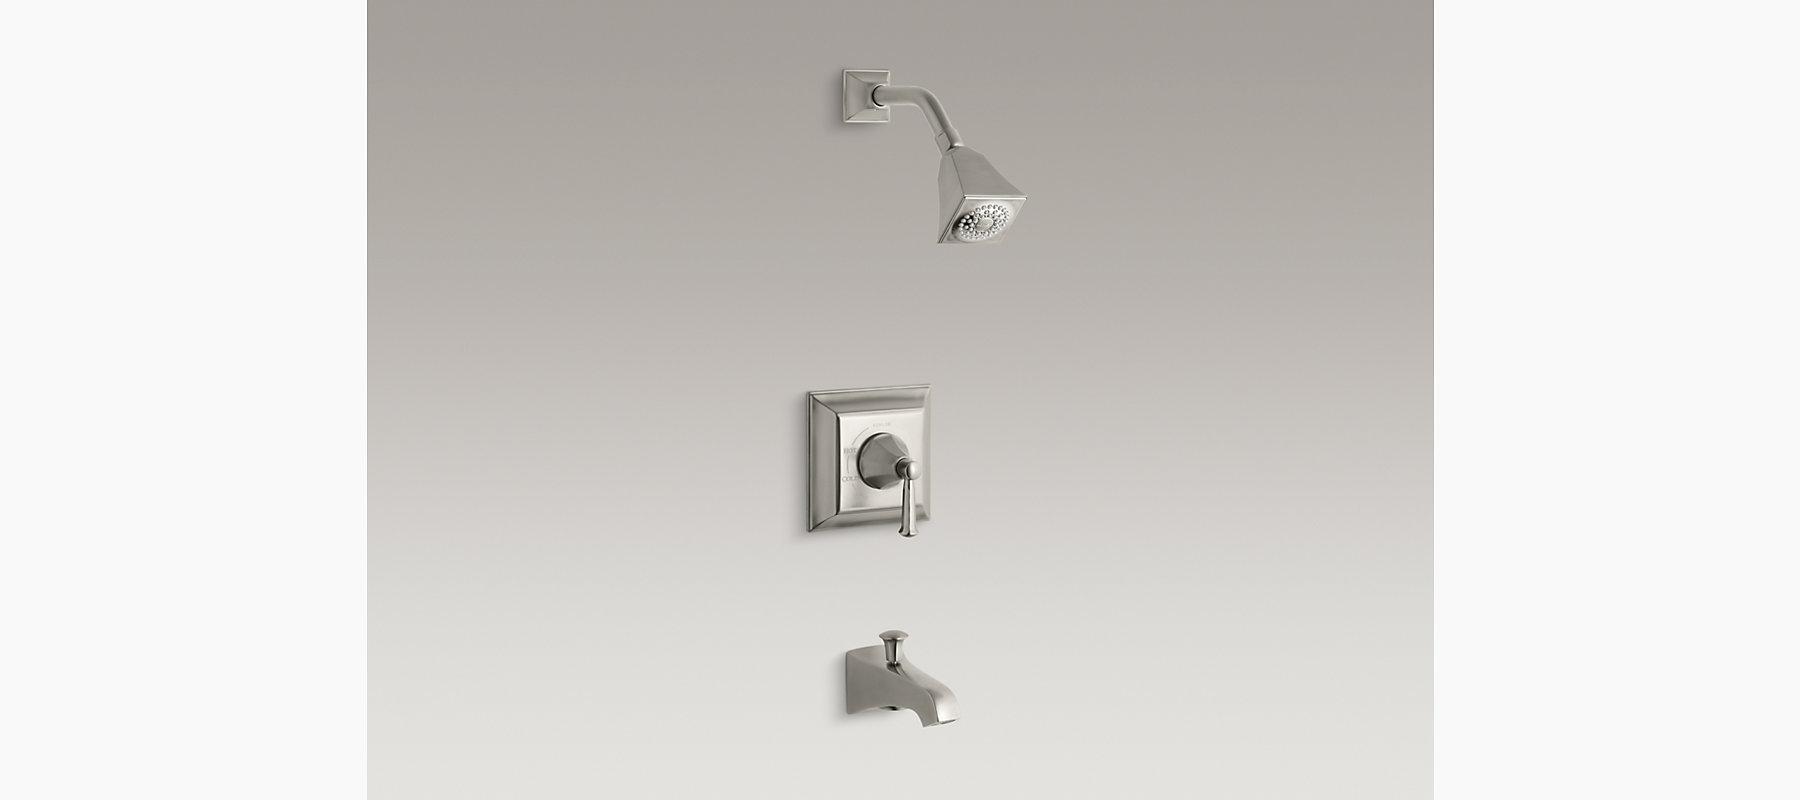 KOHLER| Memoirs Stately Rite-Temp Bath and Shower Faucet Trim | KOHLER